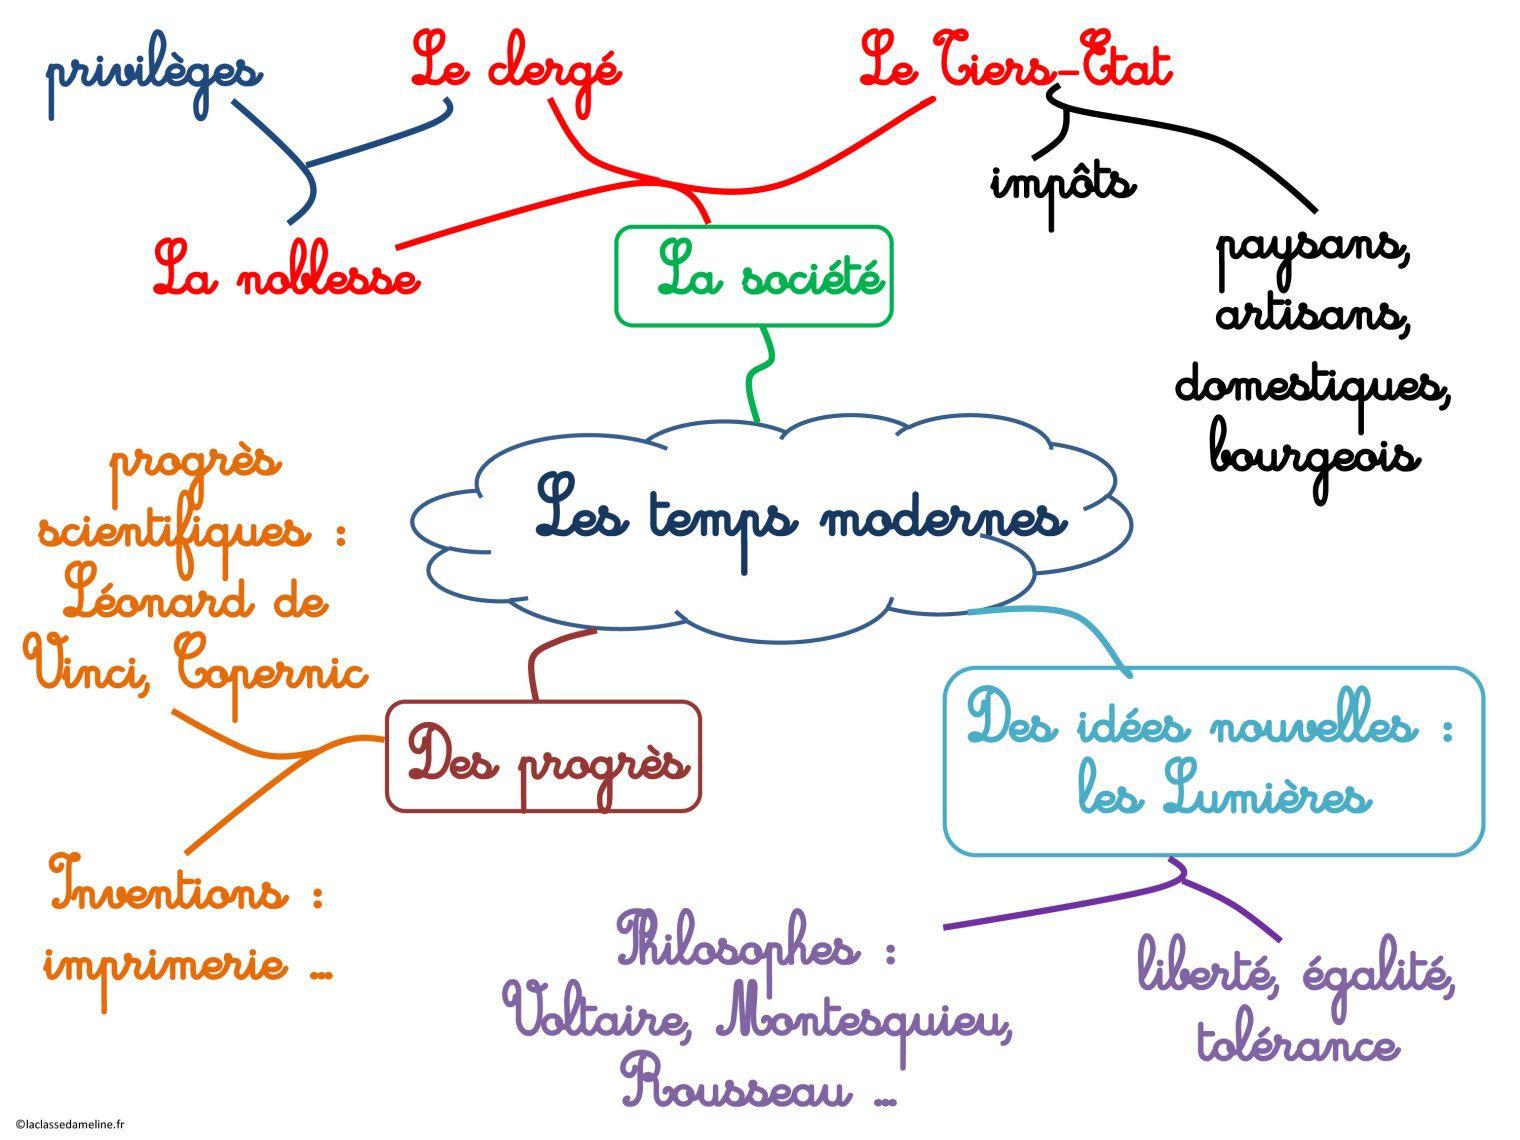 Carte Heuristique Powerpoint.Presentation Powerpoint Histoire Carte Mentale Histoire